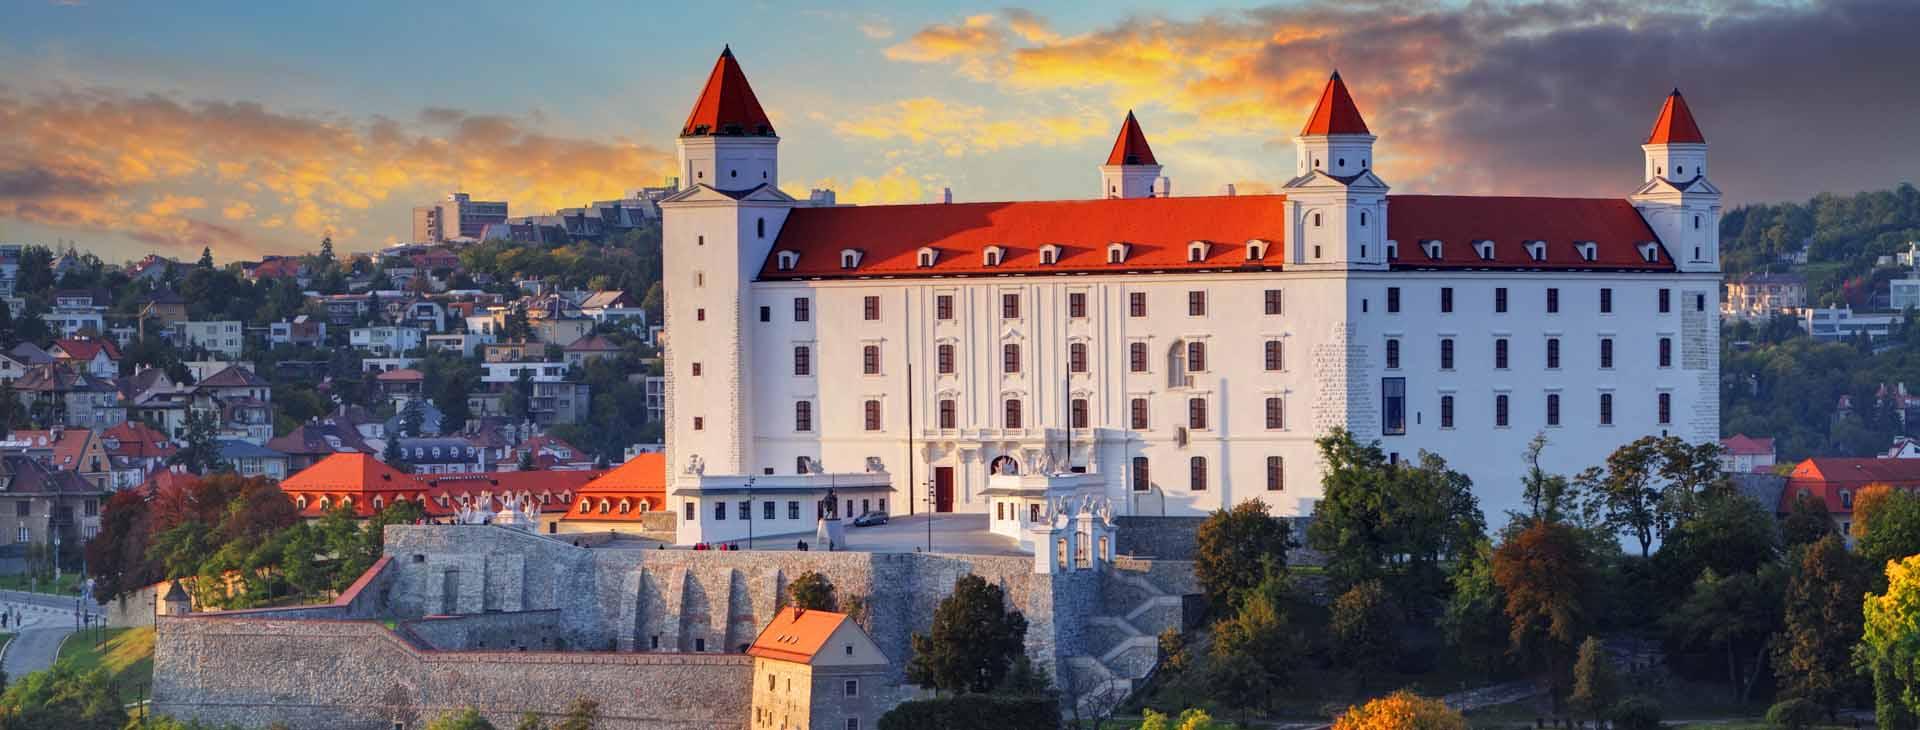 Zajrzyj Do Sąsiada! - Słowacja